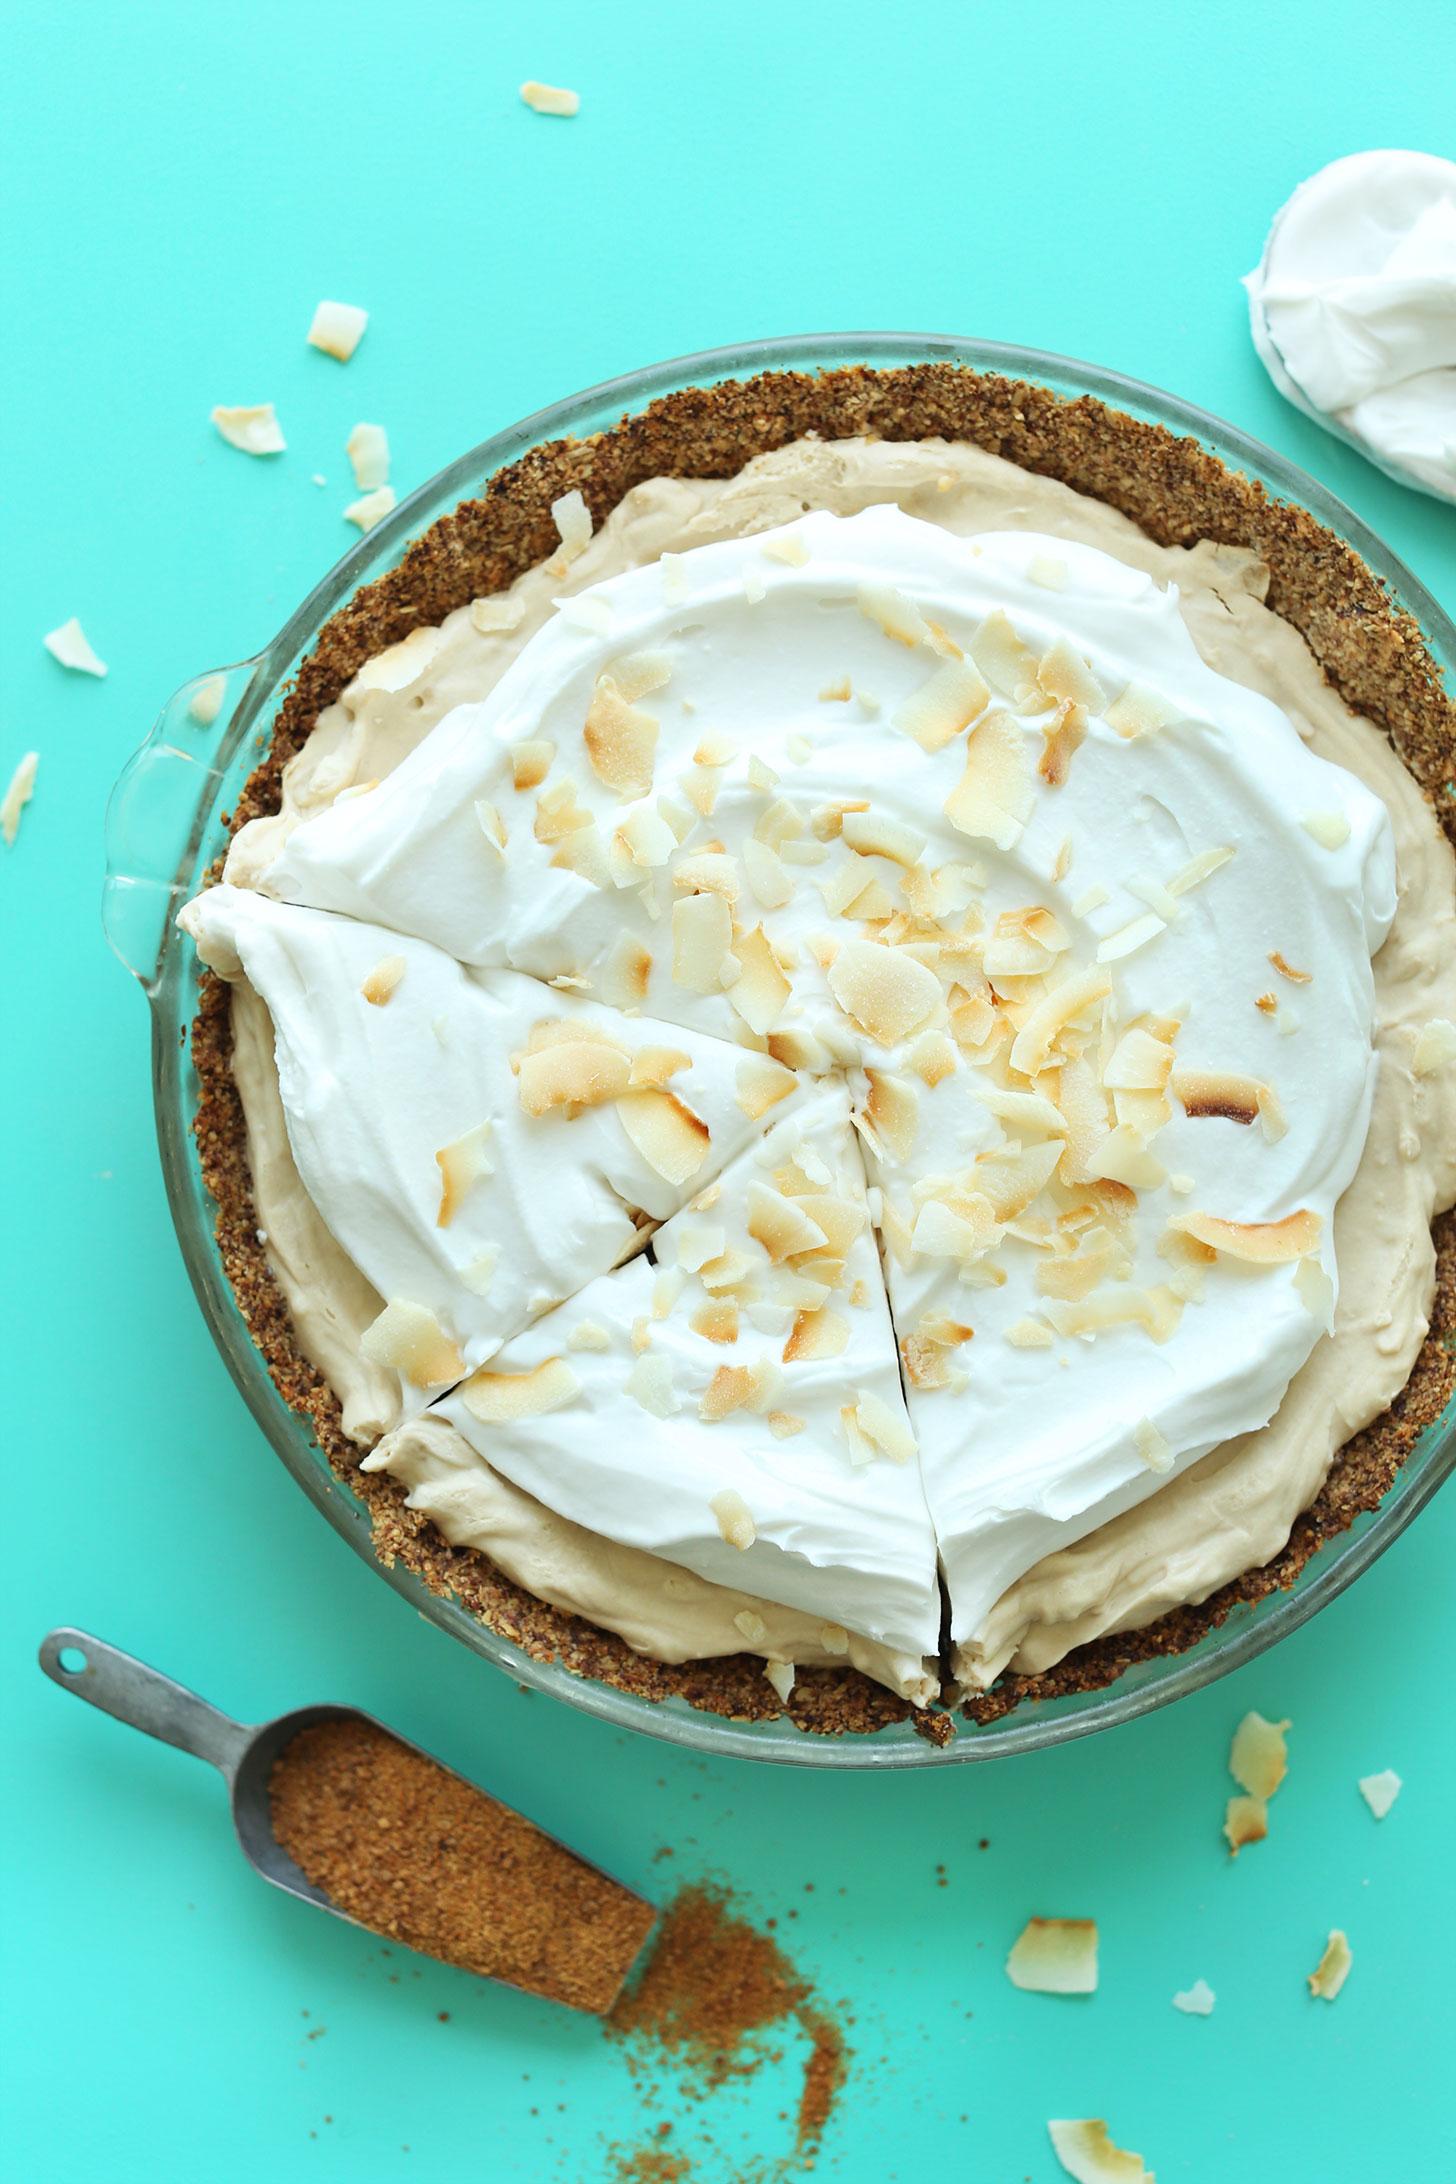 Partially sliced gluten-free vegan Coconut Cream PIe